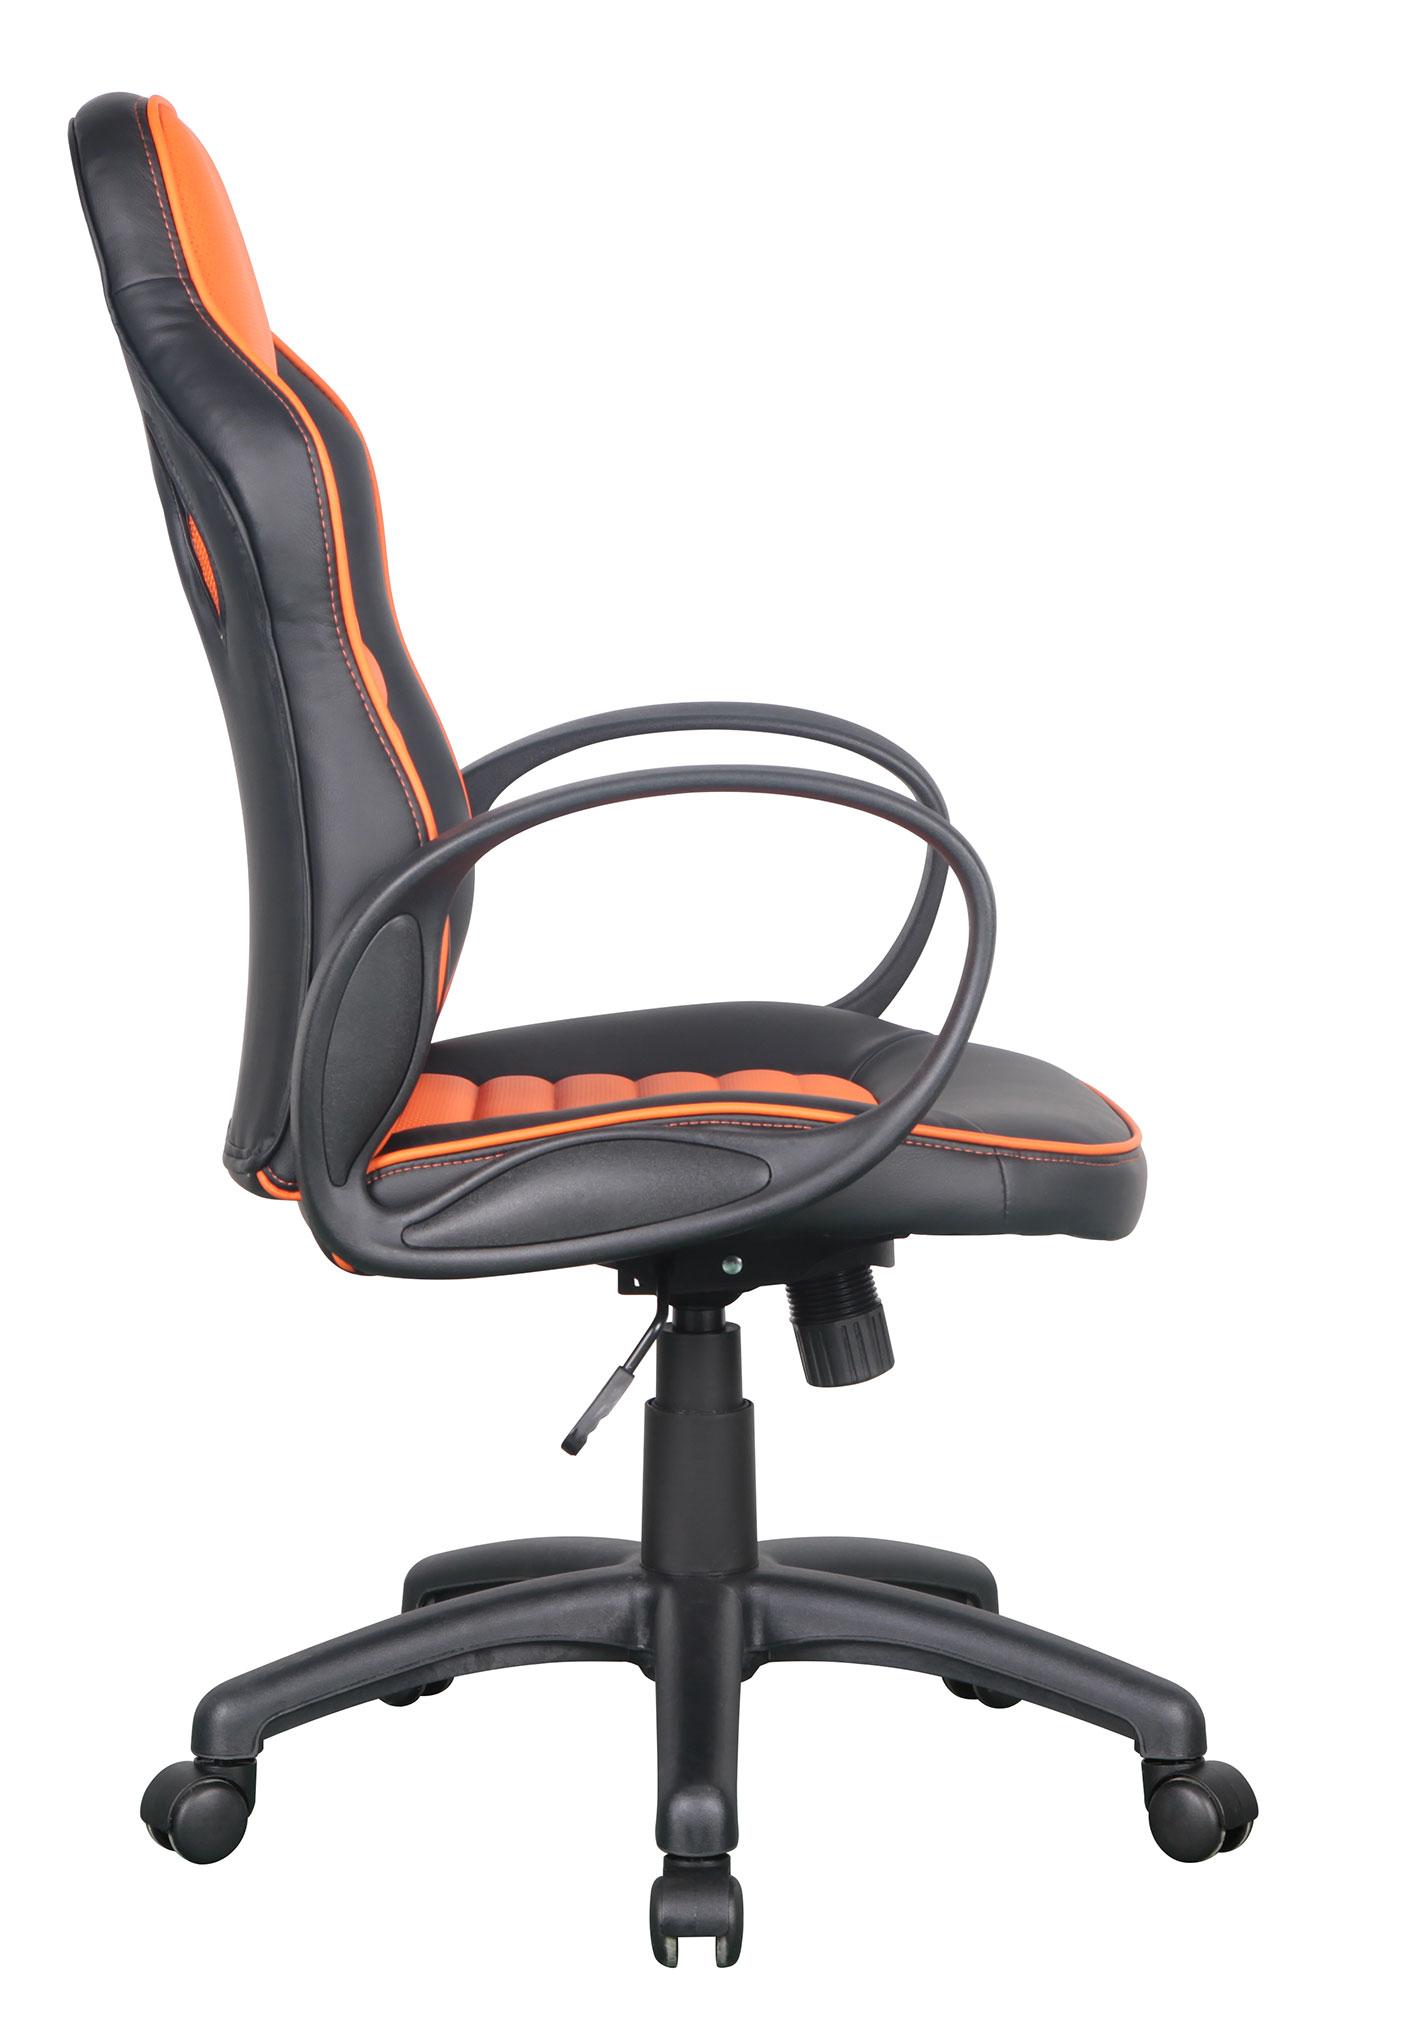 Sixbros racing poltrona sedia ufficio sedia girevole for Sedia poltrona ufficio